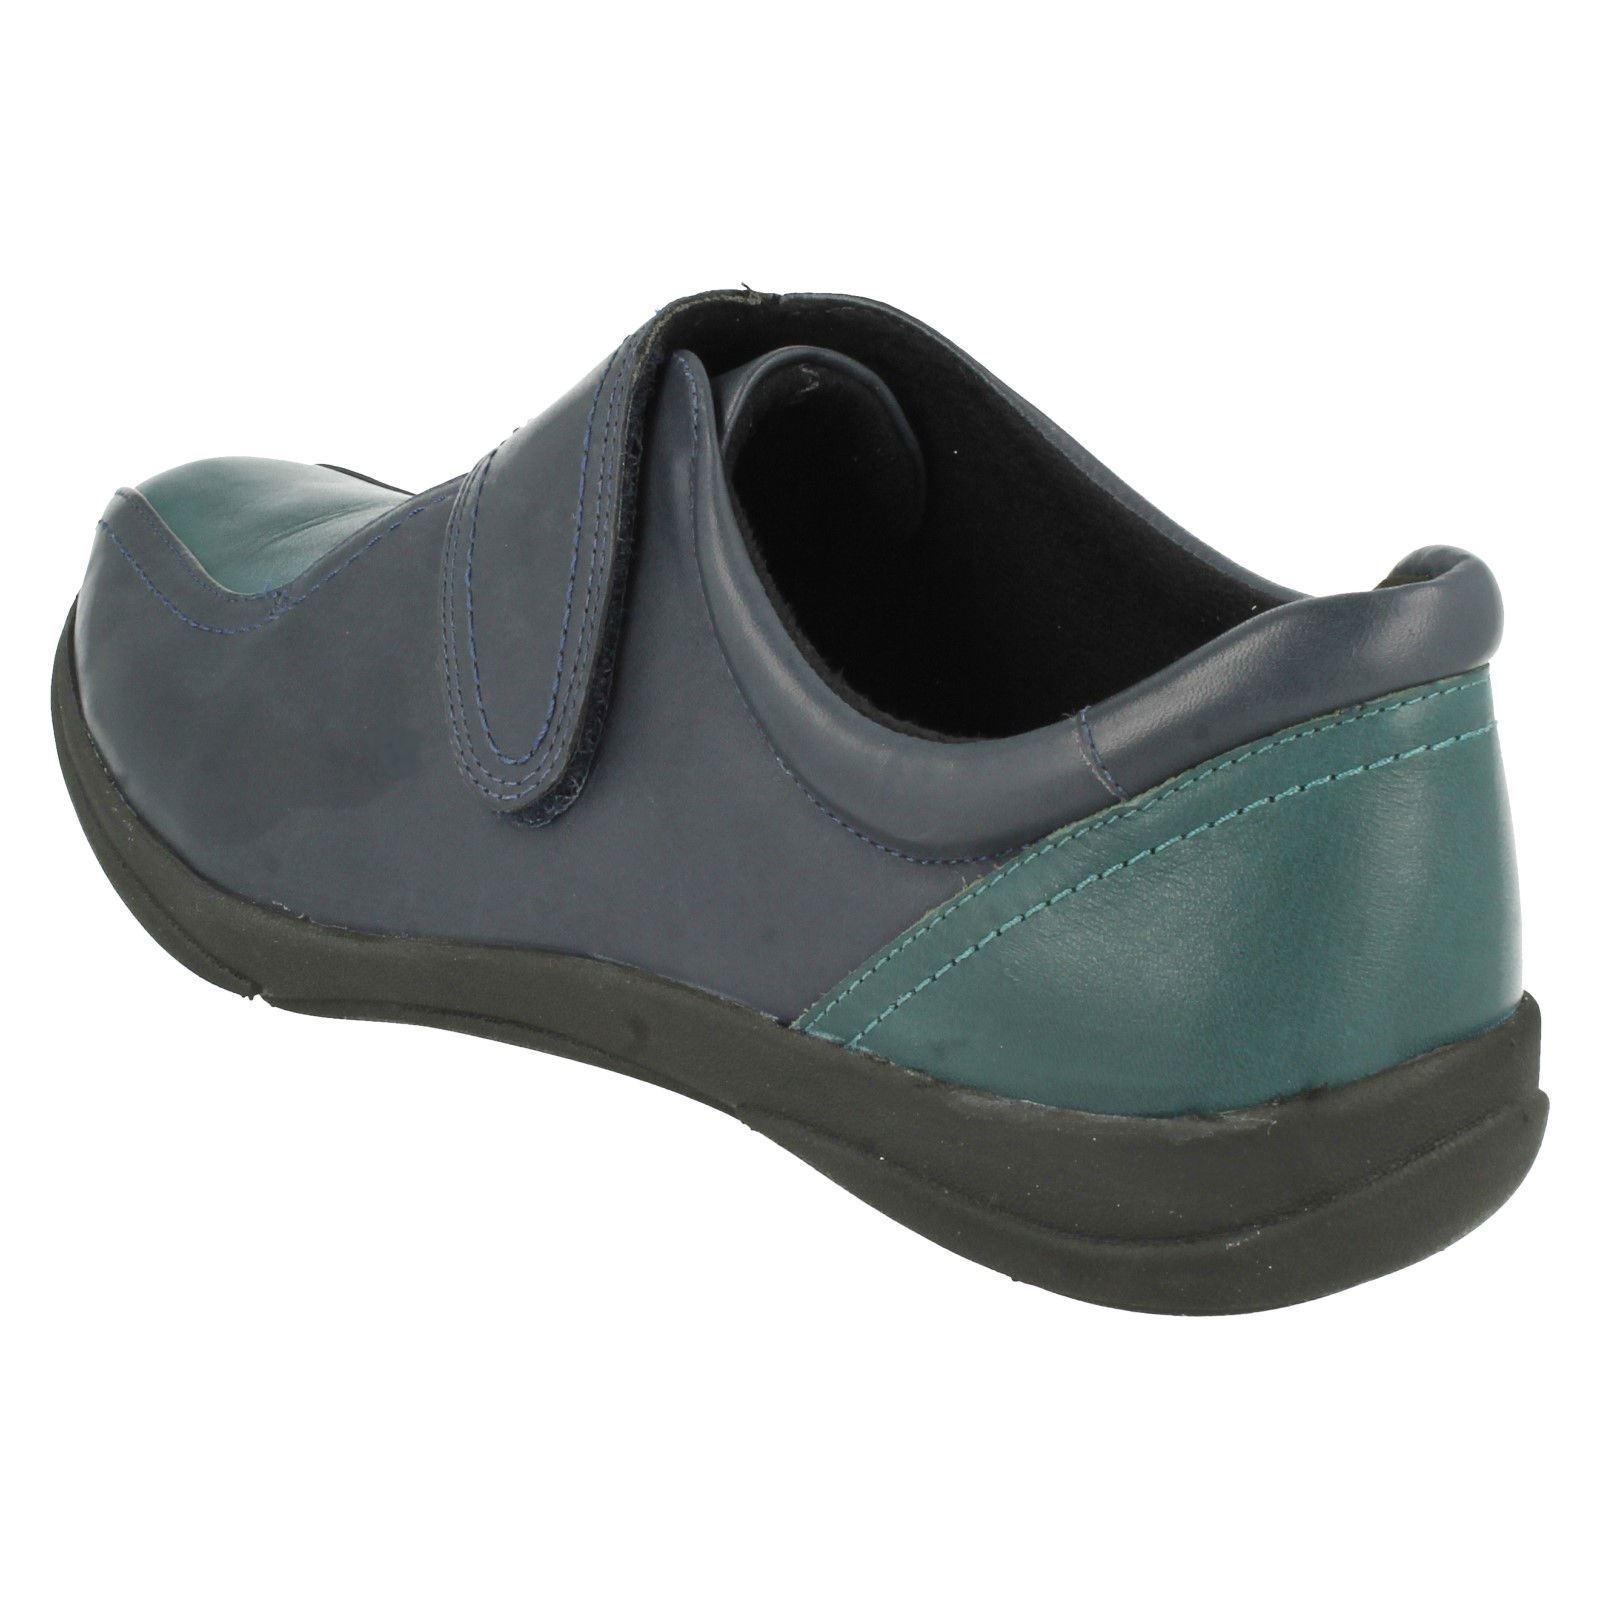 LADIES K BY CLARKS NAVY LEATHER FLAT CASUAL OAK RIPTAPE STRAP Schuhe ETNA OAK CASUAL b07208